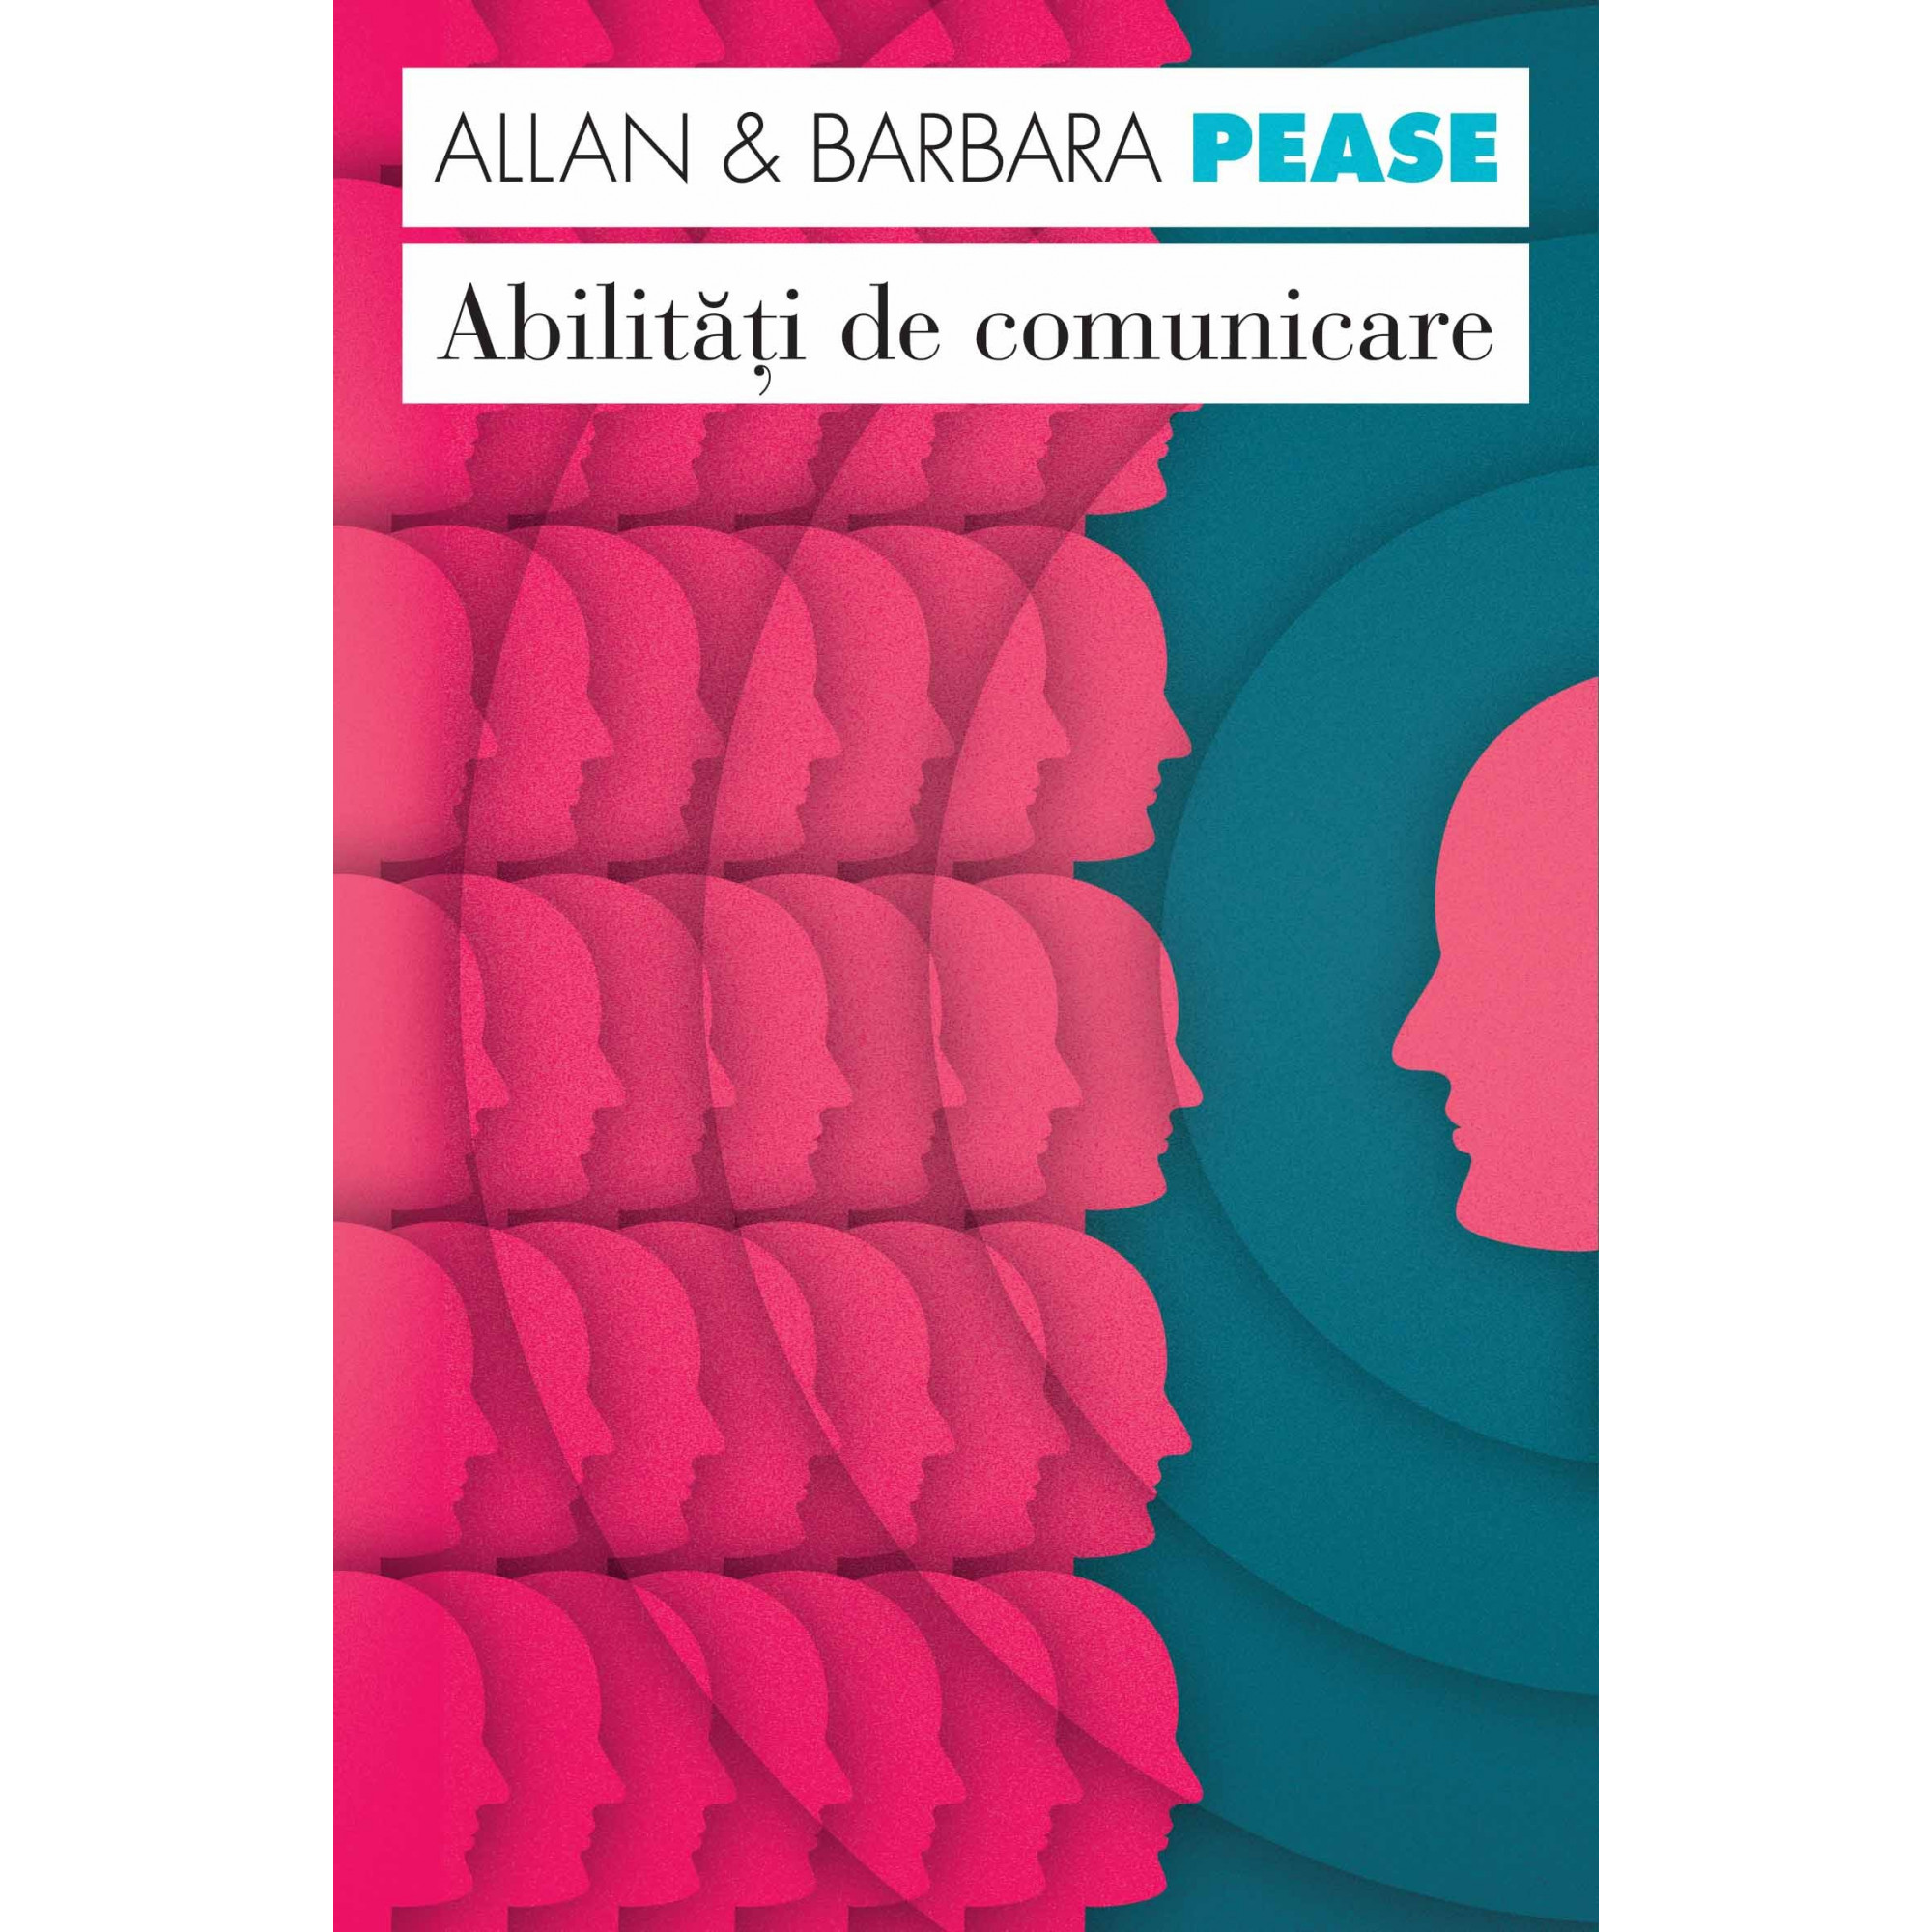 Abilități de comunicare. Ediția a II-a; Allan Pease, Barbara Pease